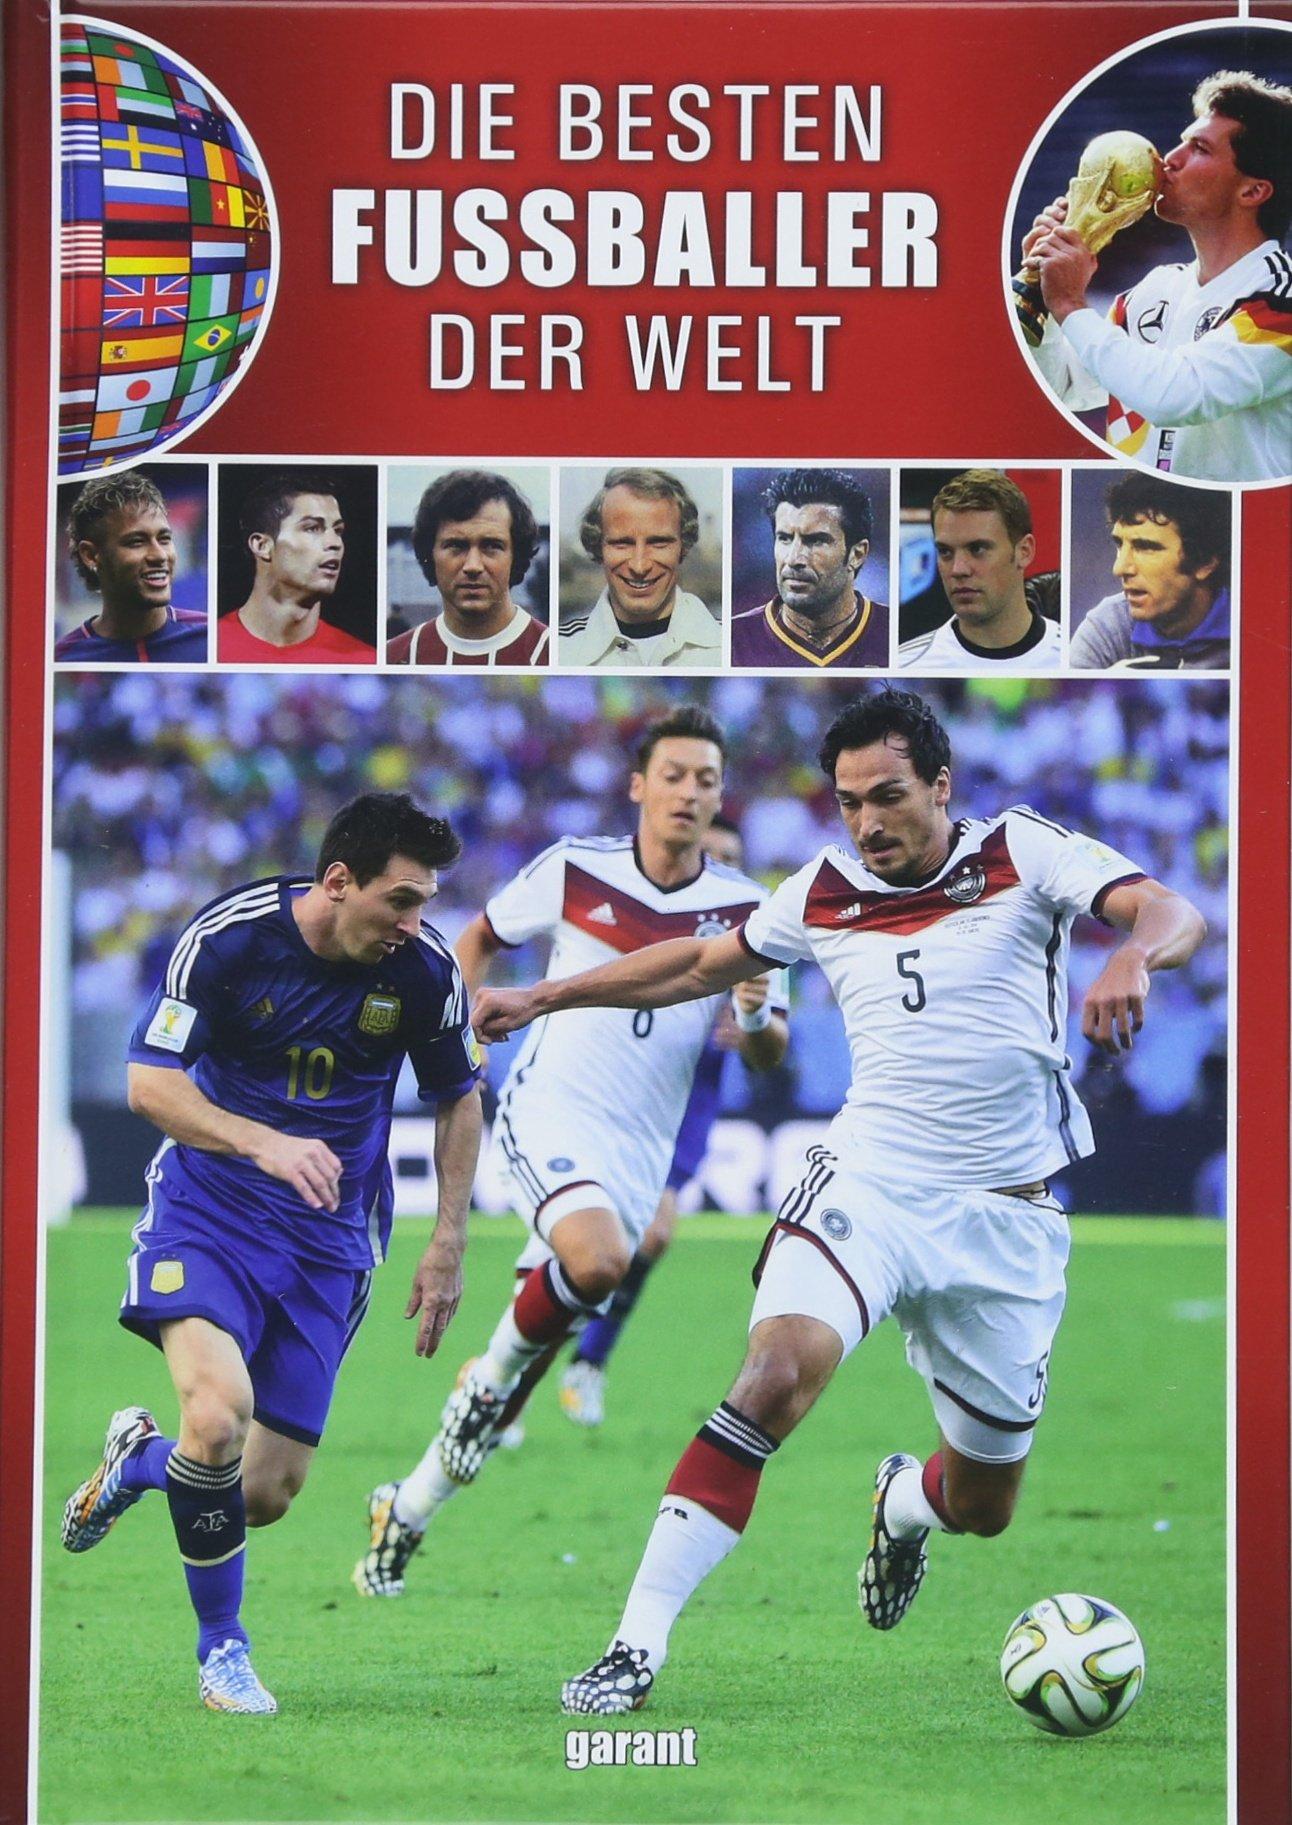 Die besten Fußballer der Welt